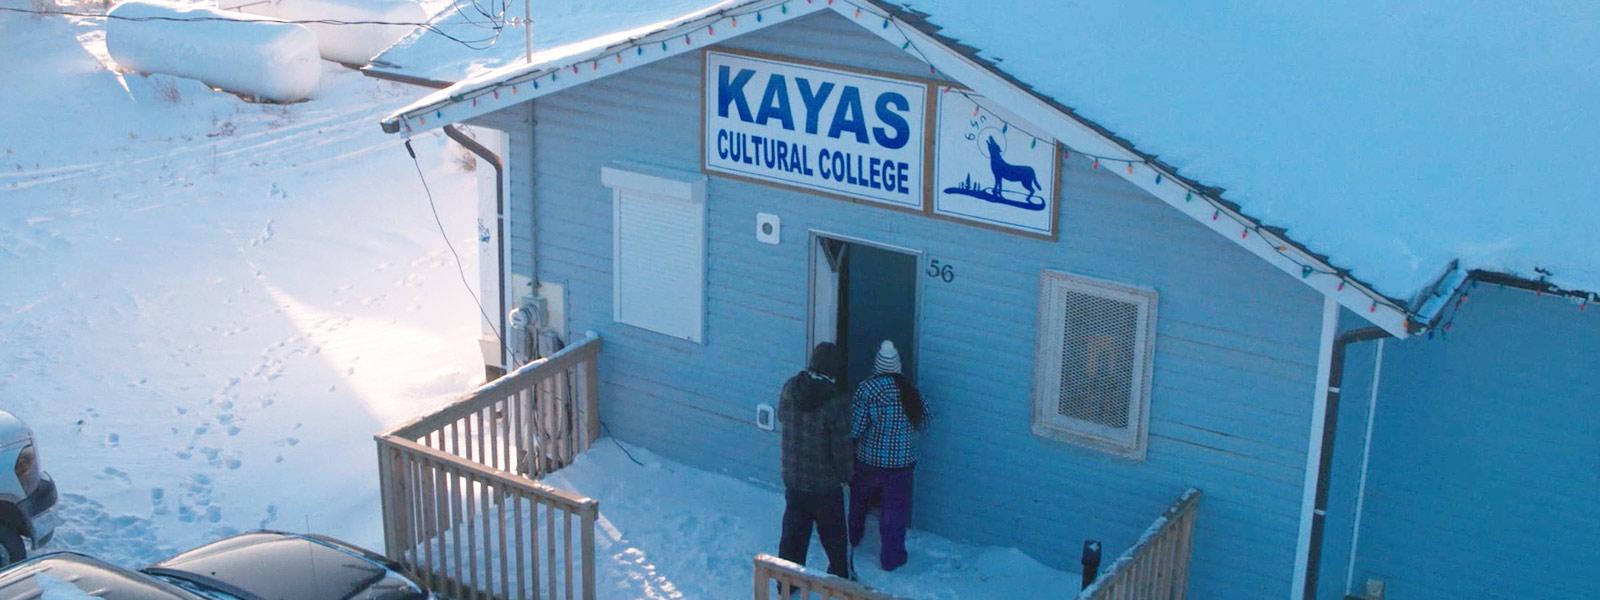 De buitenkant van een gebouw op Kayas Cultural College op een sneeuwrijke dag, en twee studenten lopen naar binnen.